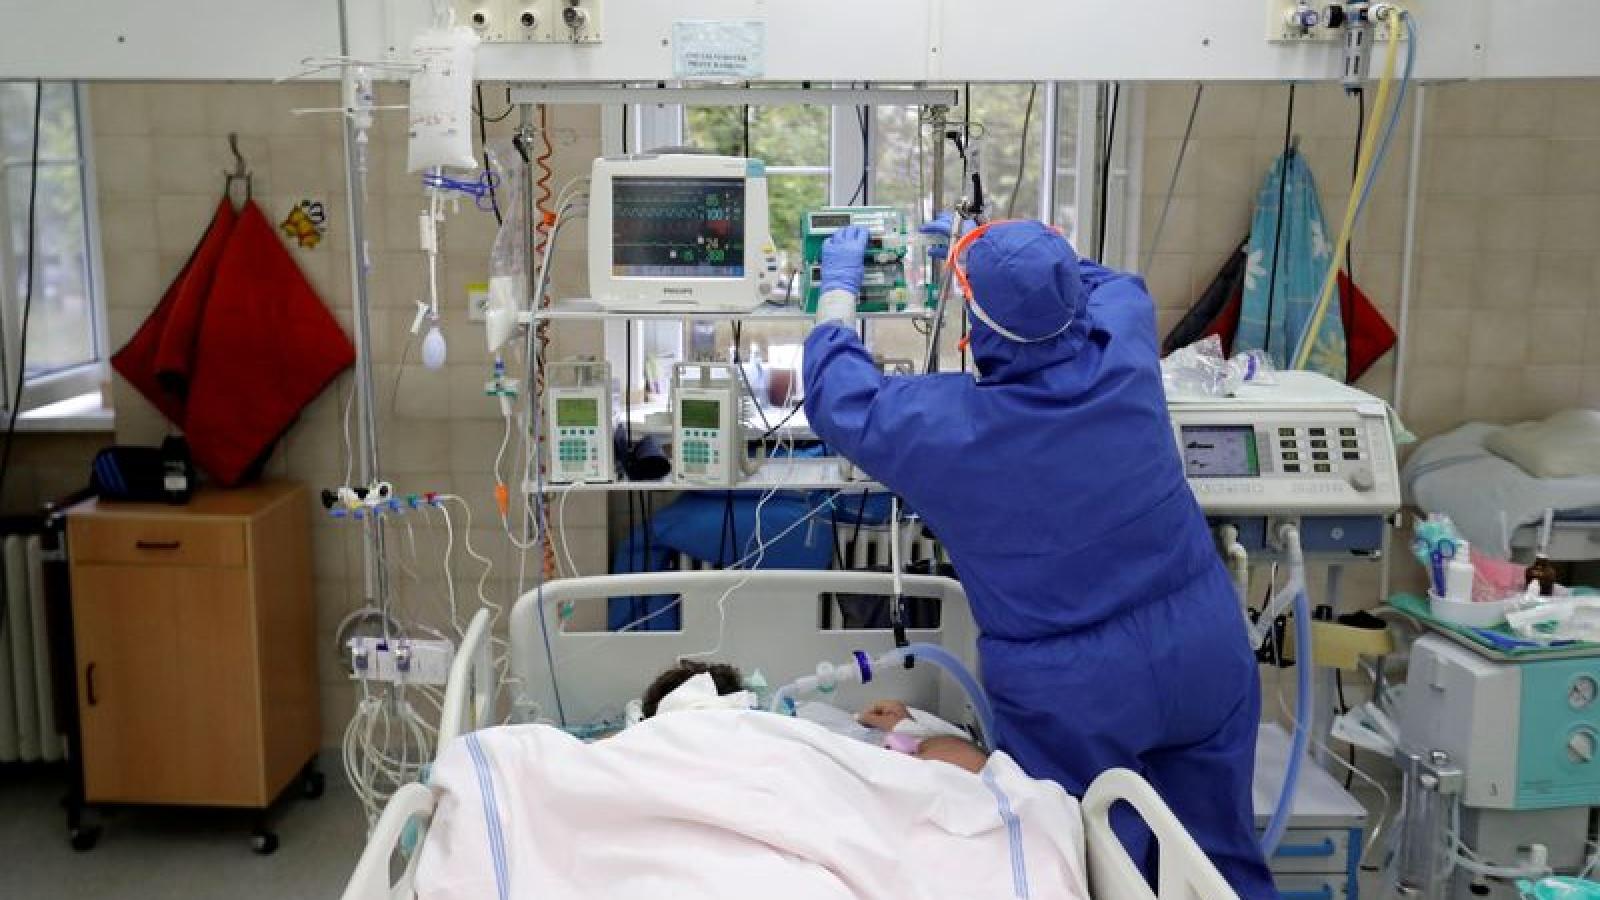 Cộng hòa Séc xây dựng bệnh viện dã chiến để chống dịch Covid-19